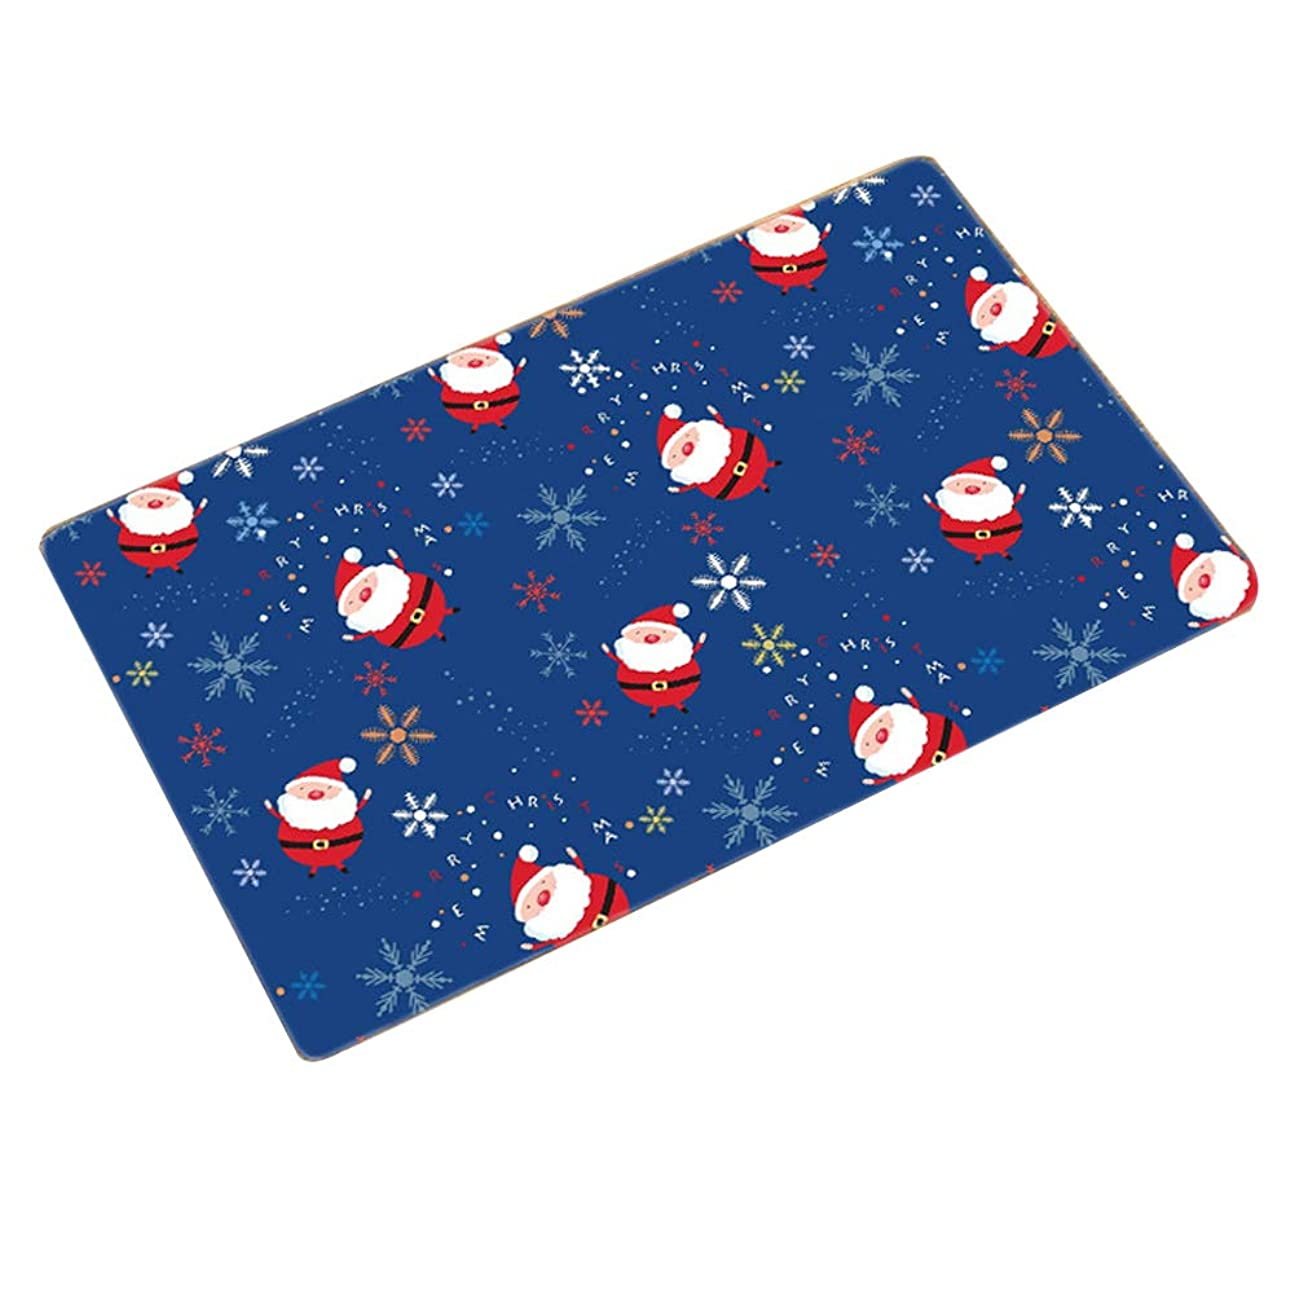 比率虐殺研究所ヨーロッパのカスタムホームパッド玄関マット北欧スリップマットノンスリップパターン豪華なクリスマスの玄関マット40×60センチ(スタイルの62種類)